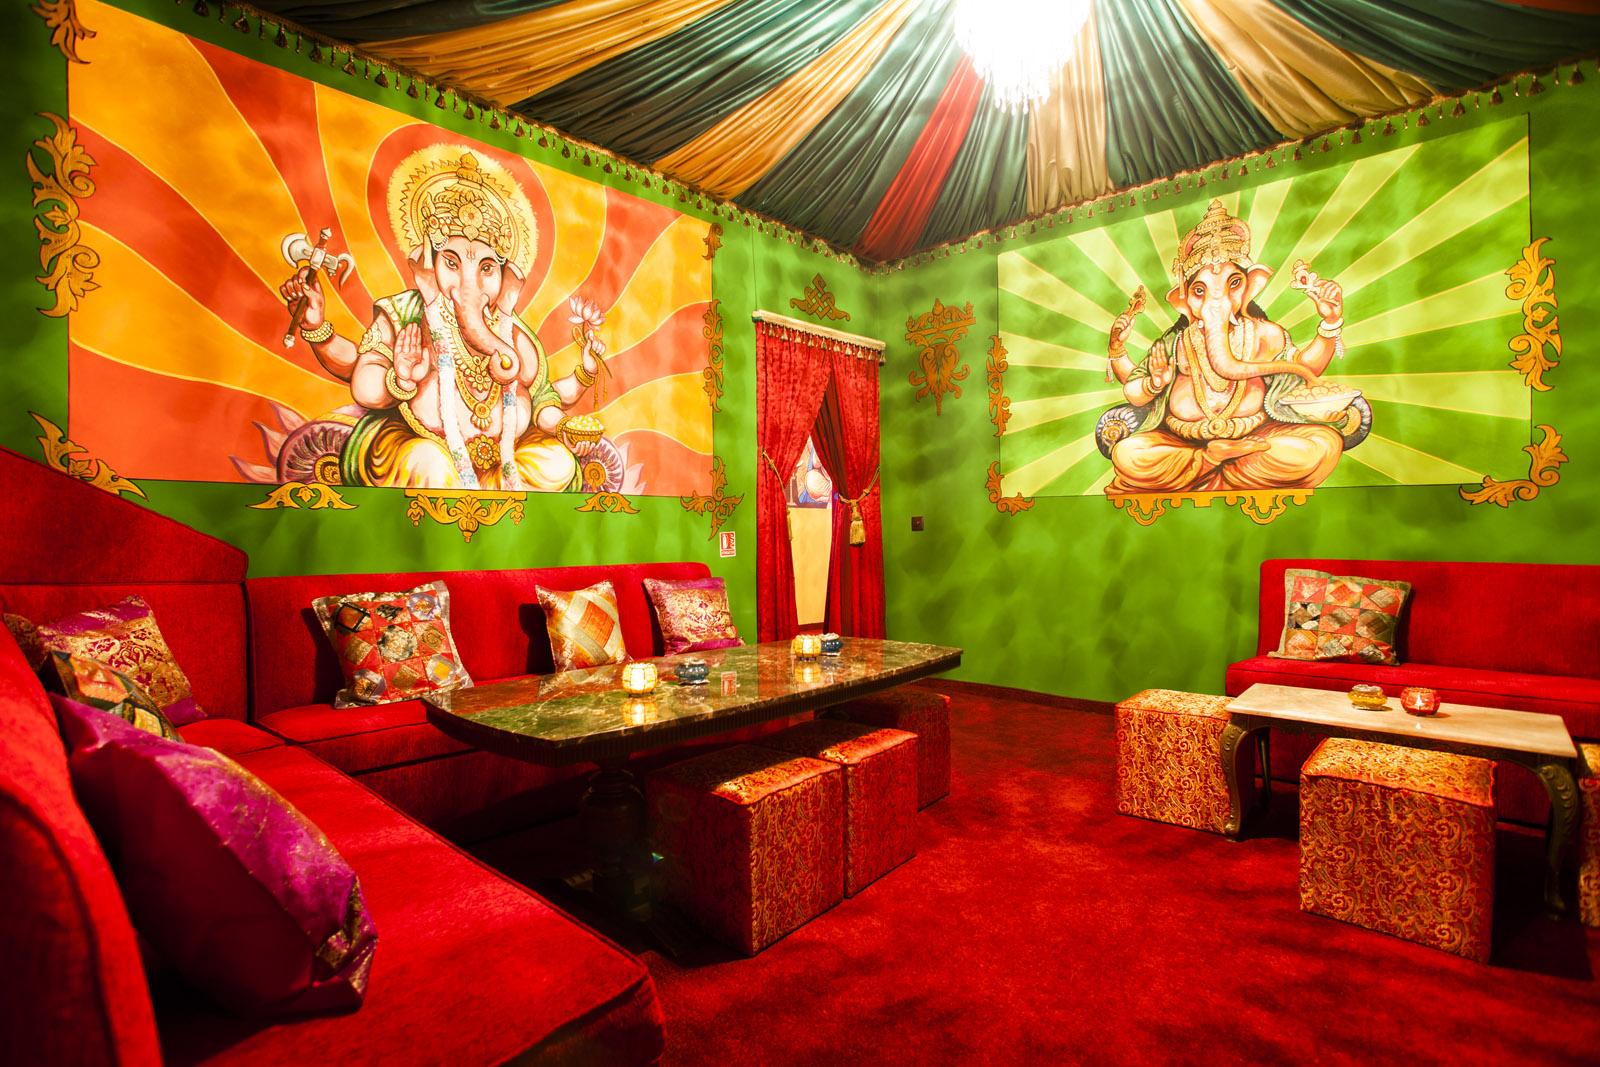 Poze din Interiorul restaurantului Ganesha - #15